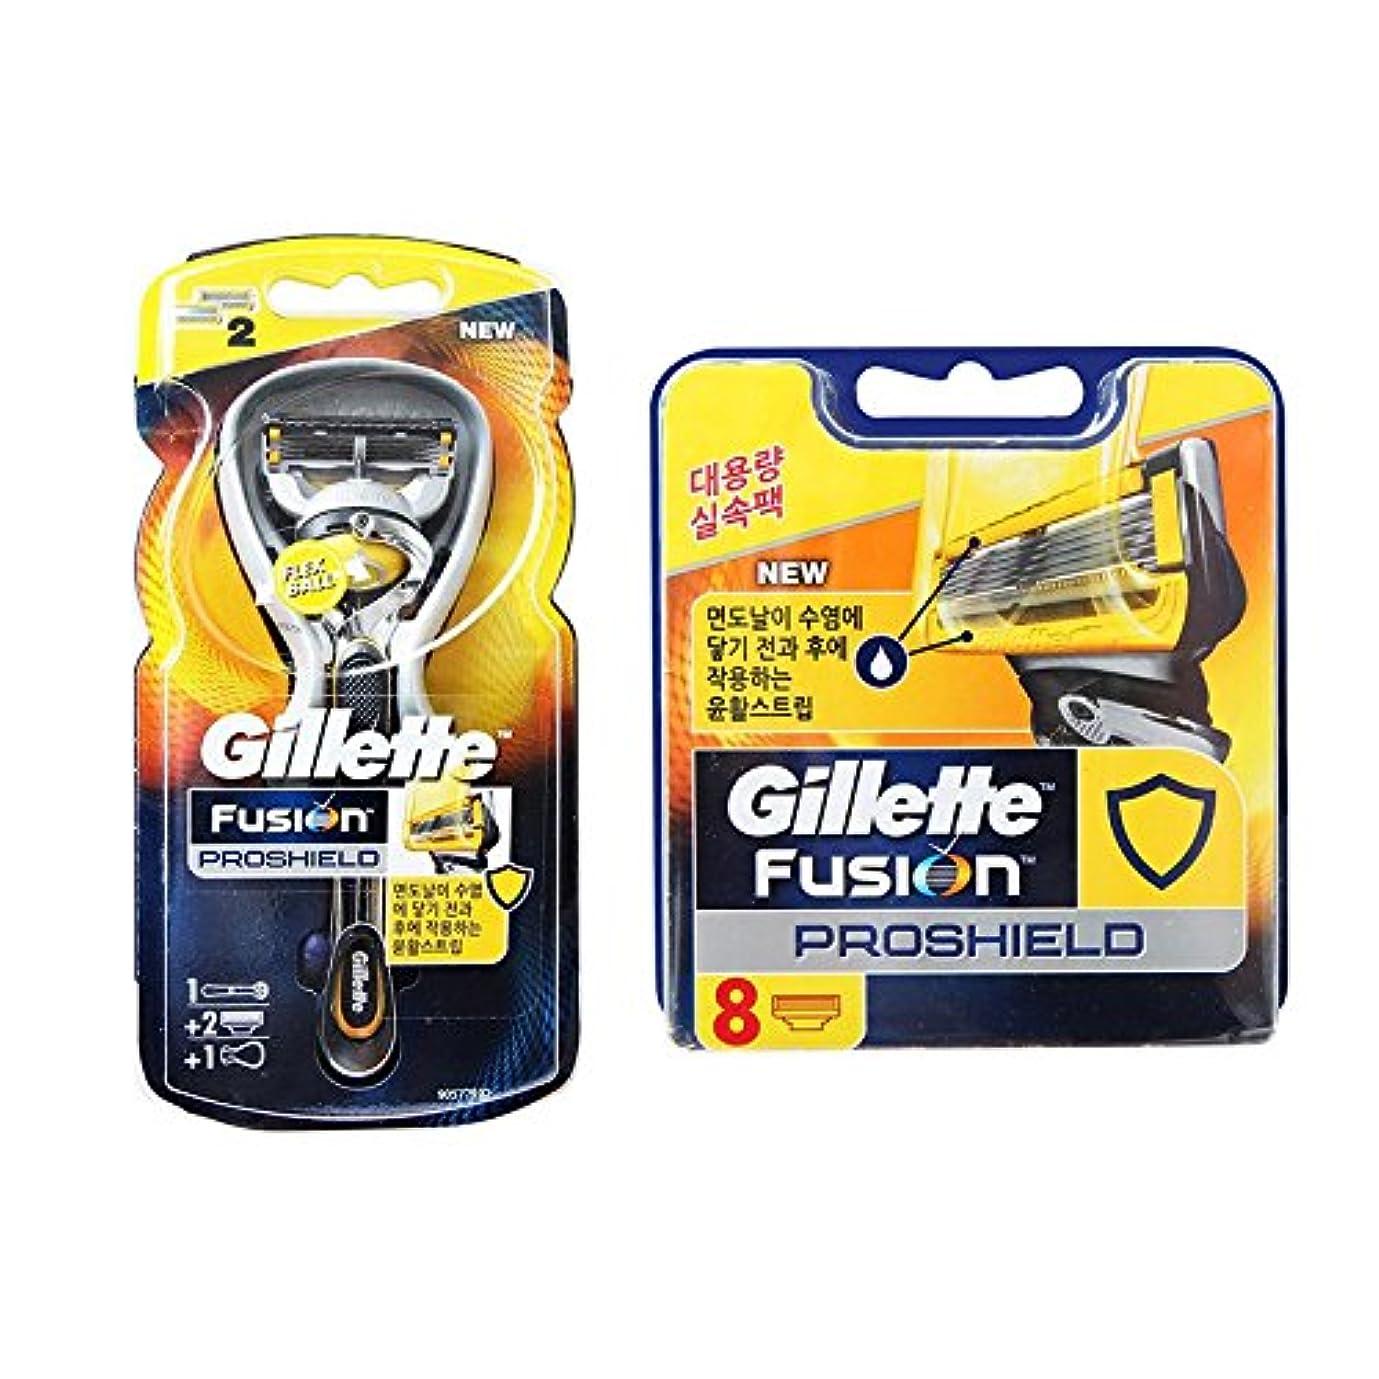 アイスクリーム円形の赤Gillette Fusion Proshield Yellow 1本の剃刀と10本の剃刀刃 [並行輸入品]